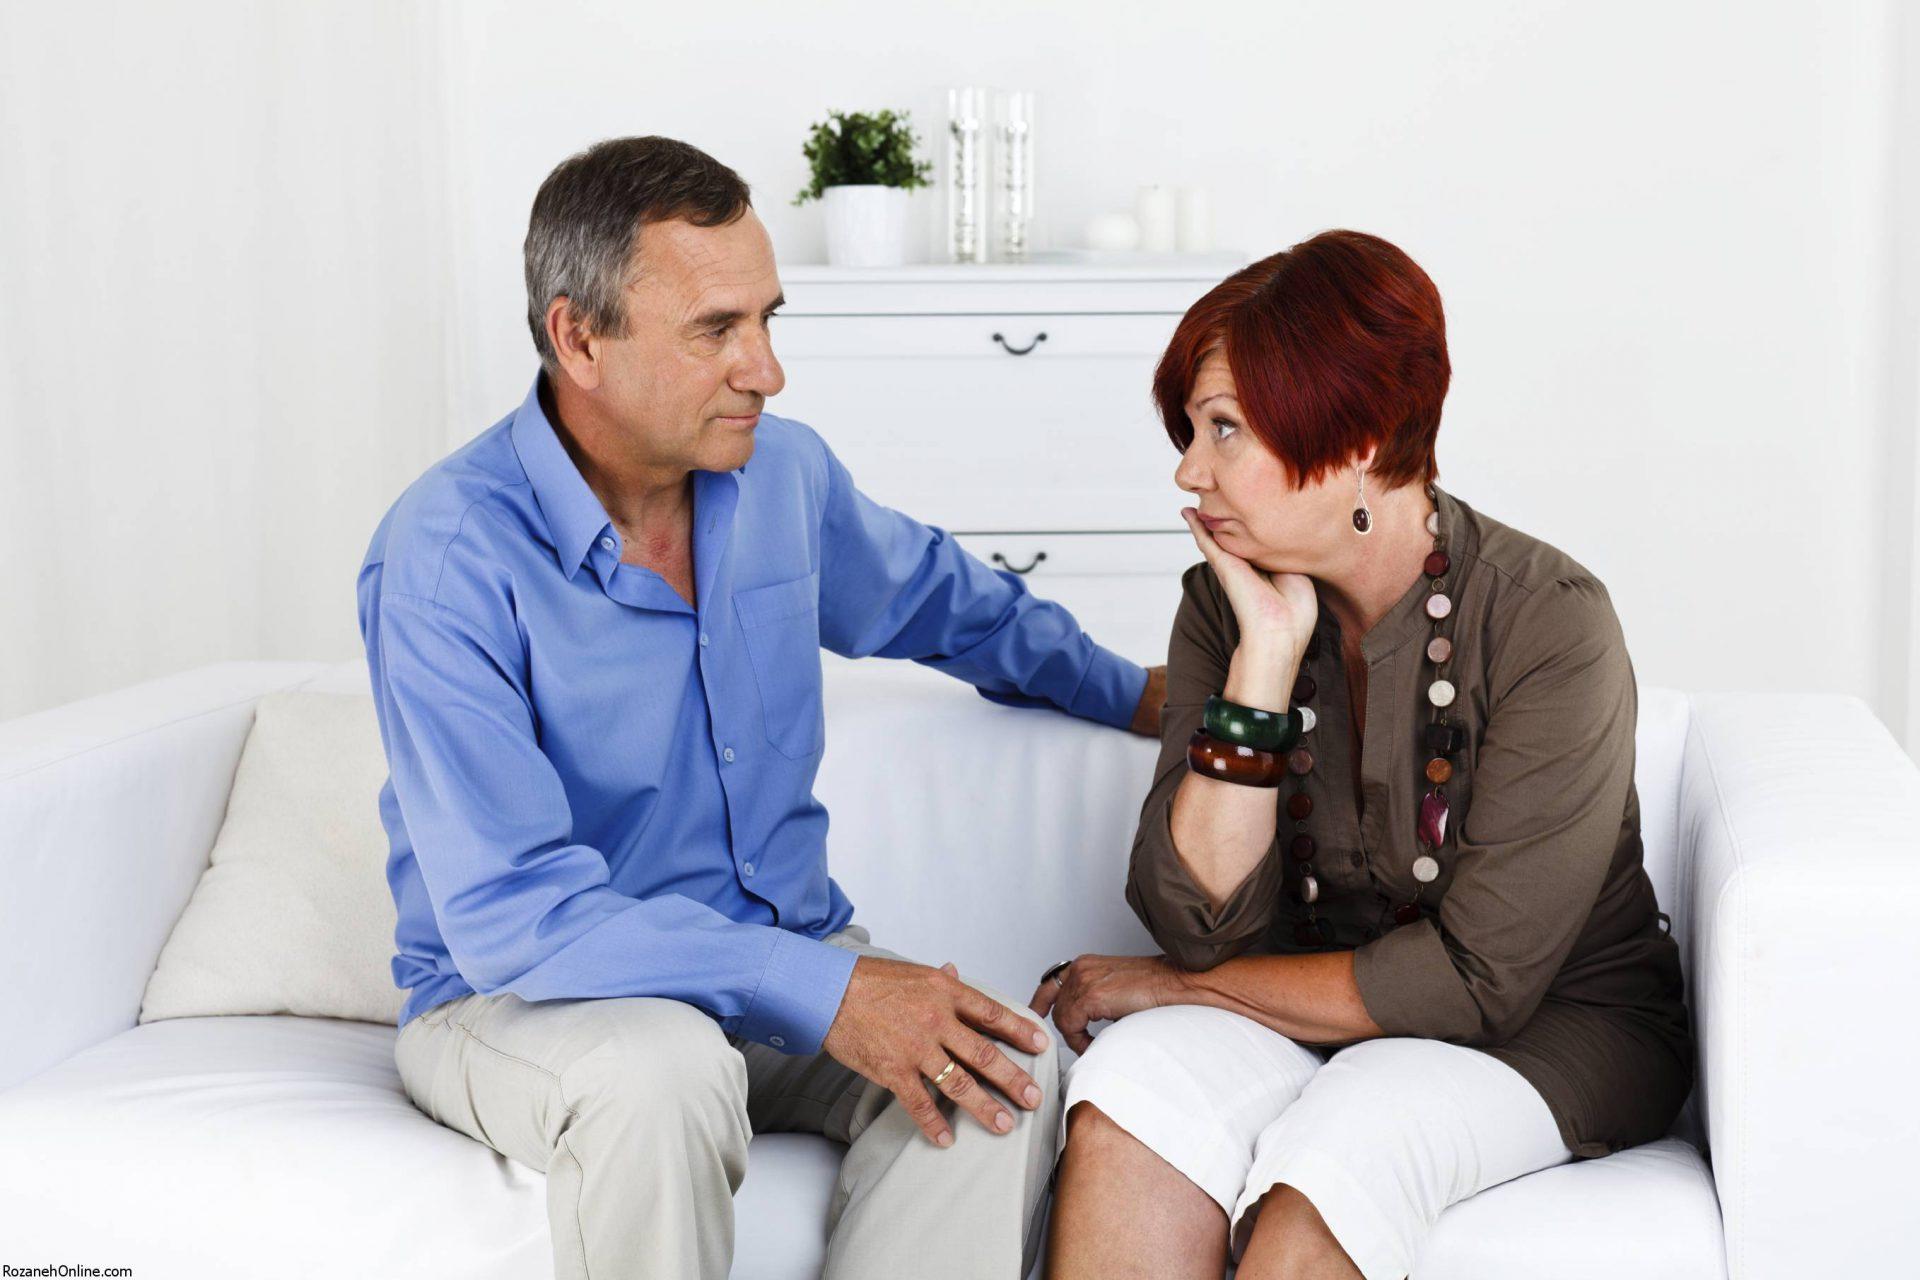 روش های درمان اختلال اضطرابی